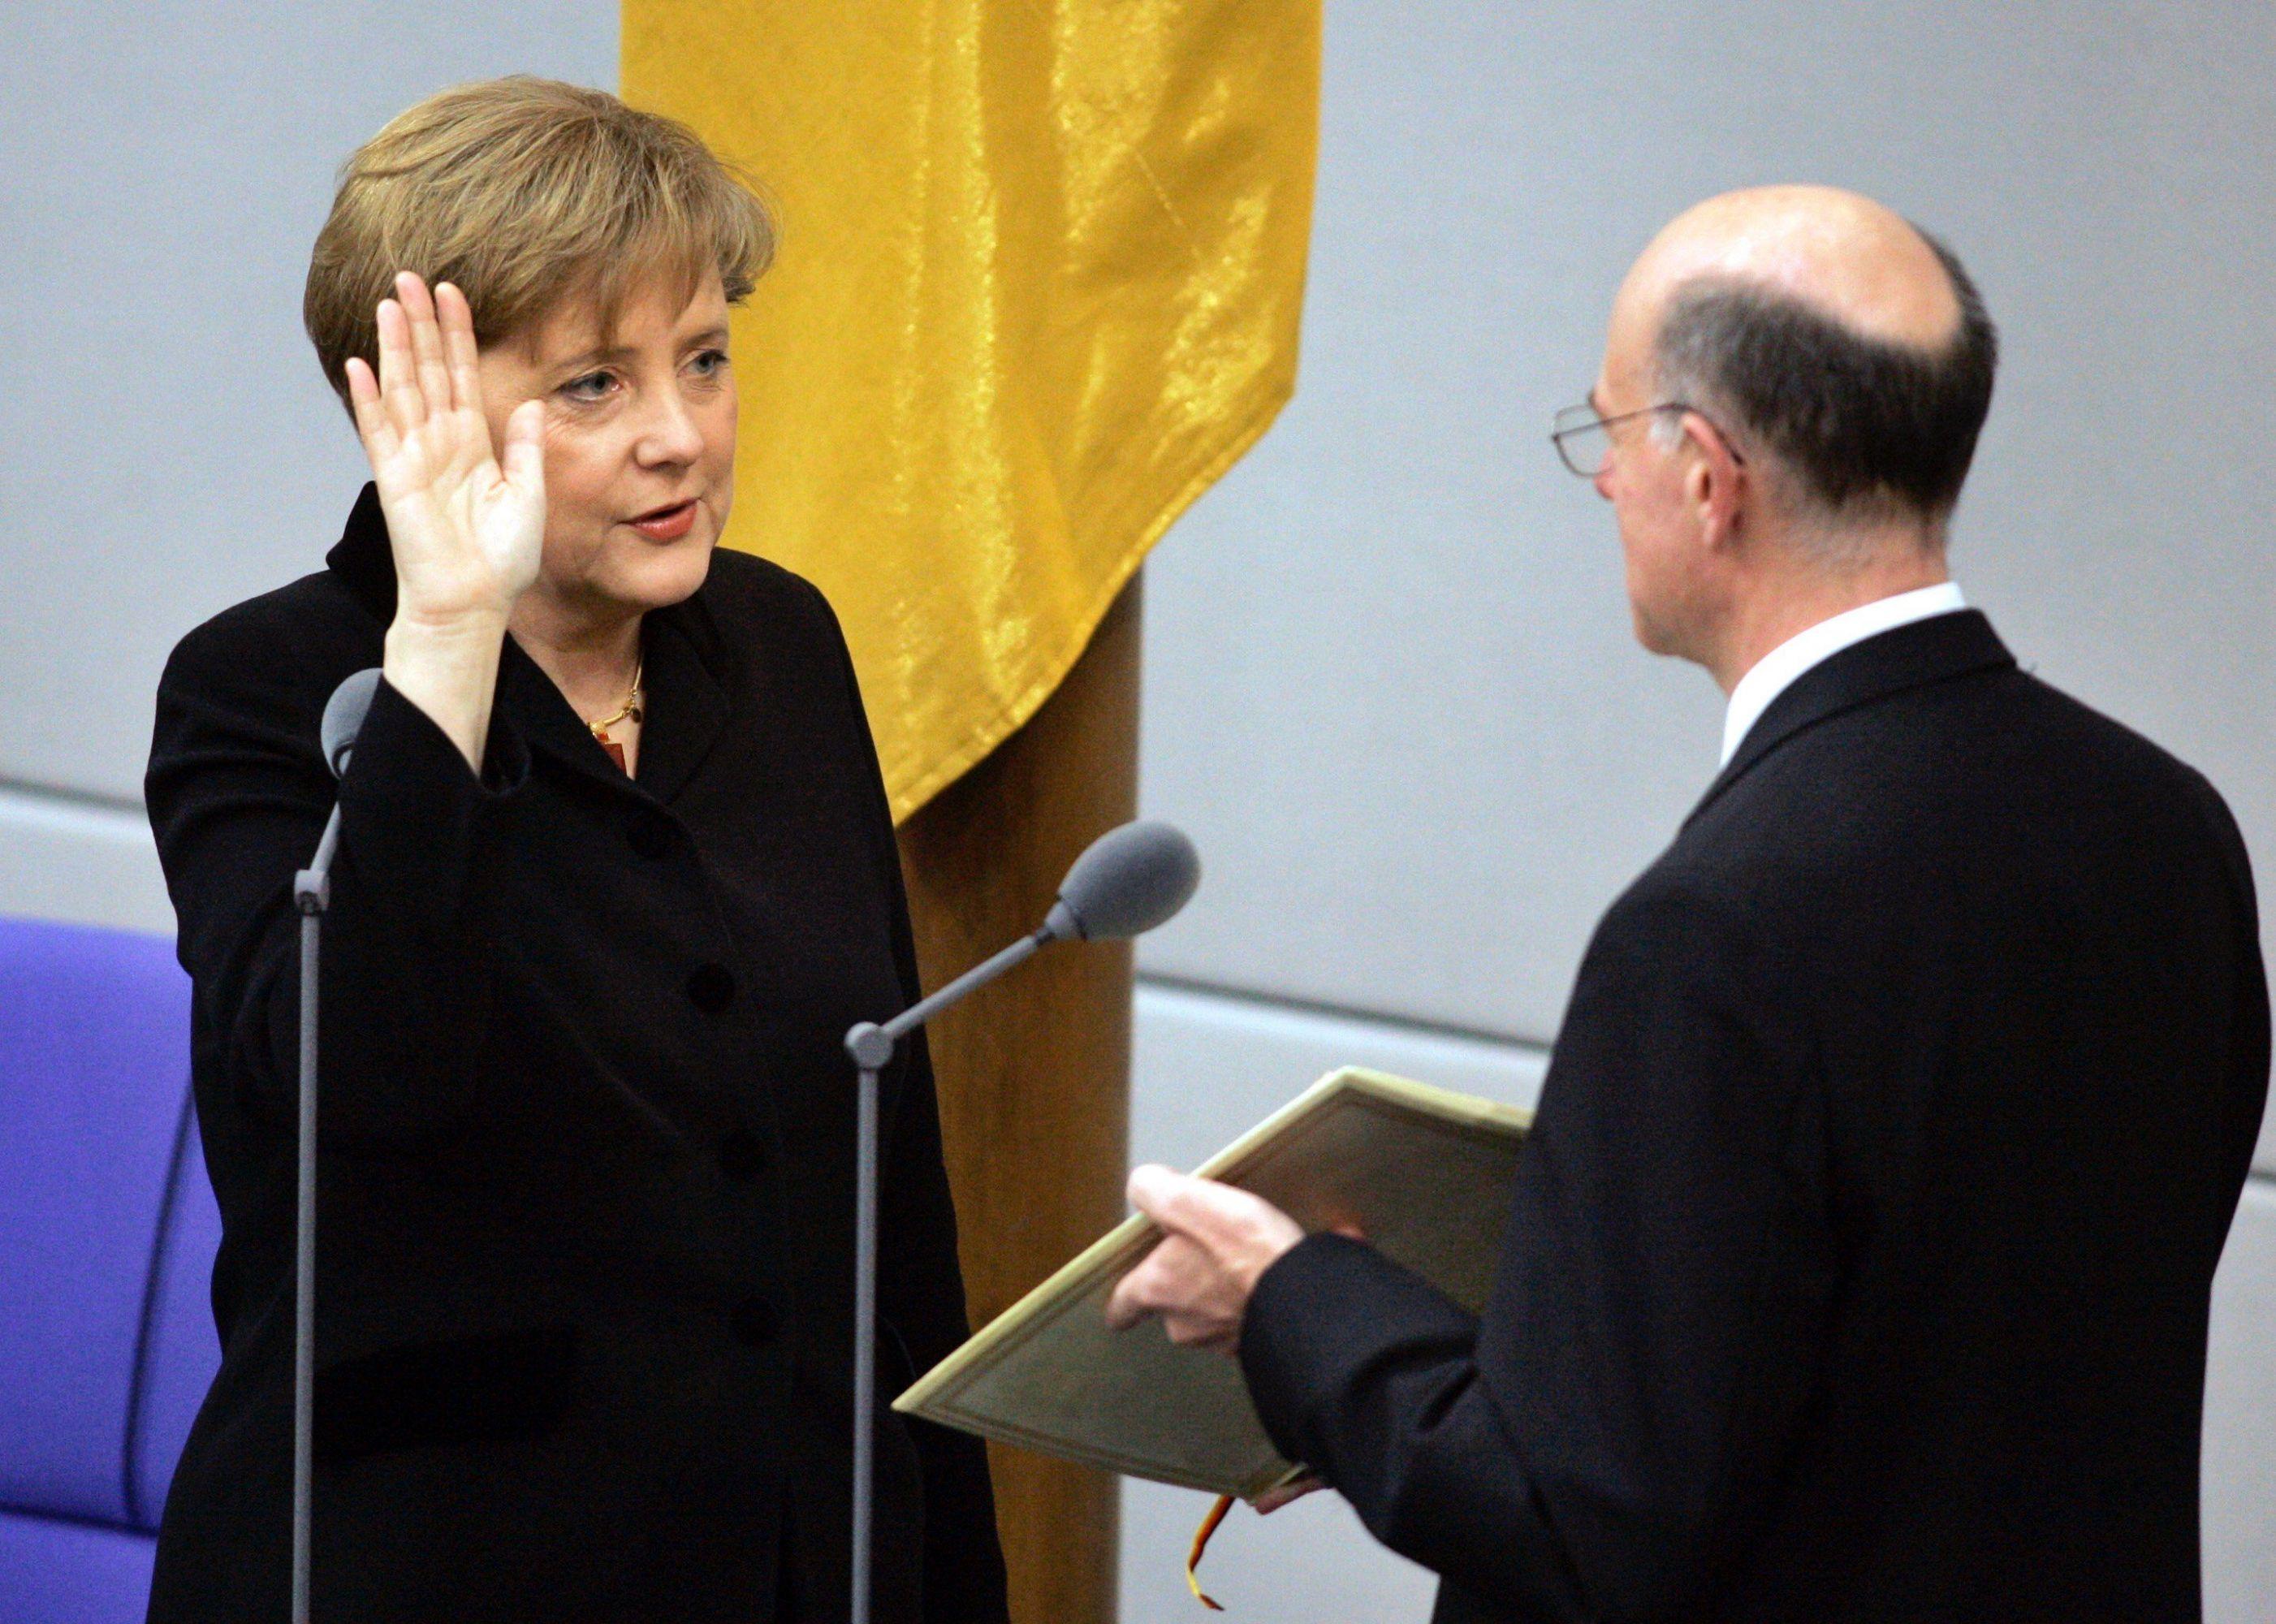 La canciller Angela Merkel, quien el próximo 17 de julio cumplirá 65 años, llegó al poder en 2005. (AP)